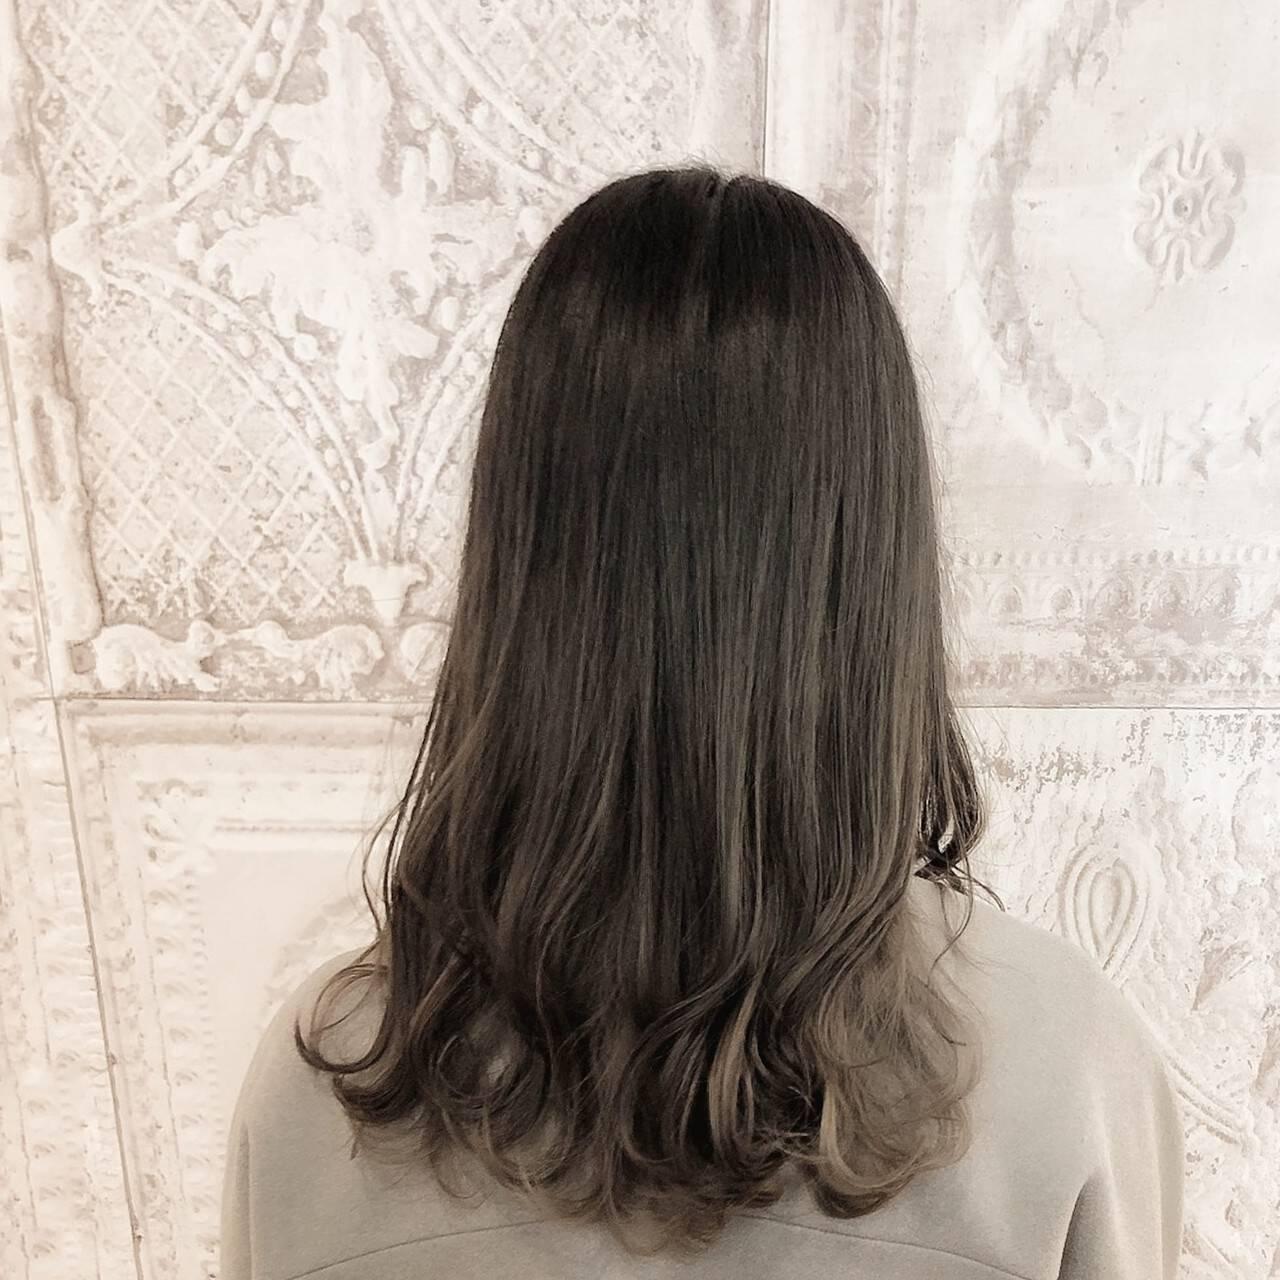 ナチュラル インナーカラー 外ハネ 大人女子ヘアスタイルや髪型の写真・画像